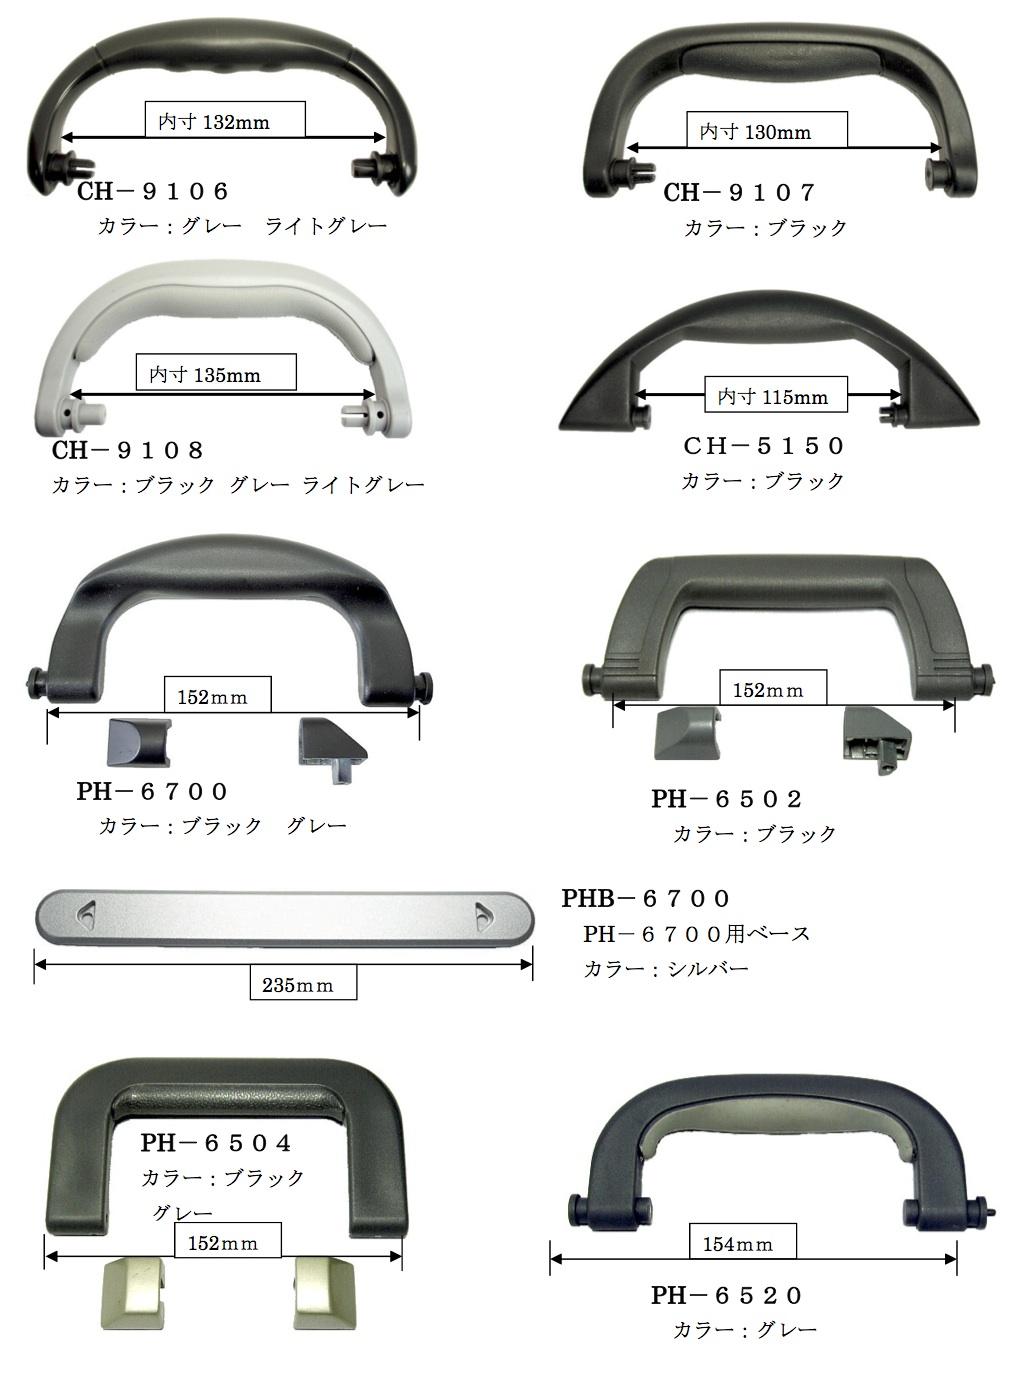 スーツケース修理専門店 | 首都圏15店舗&郵送にて …